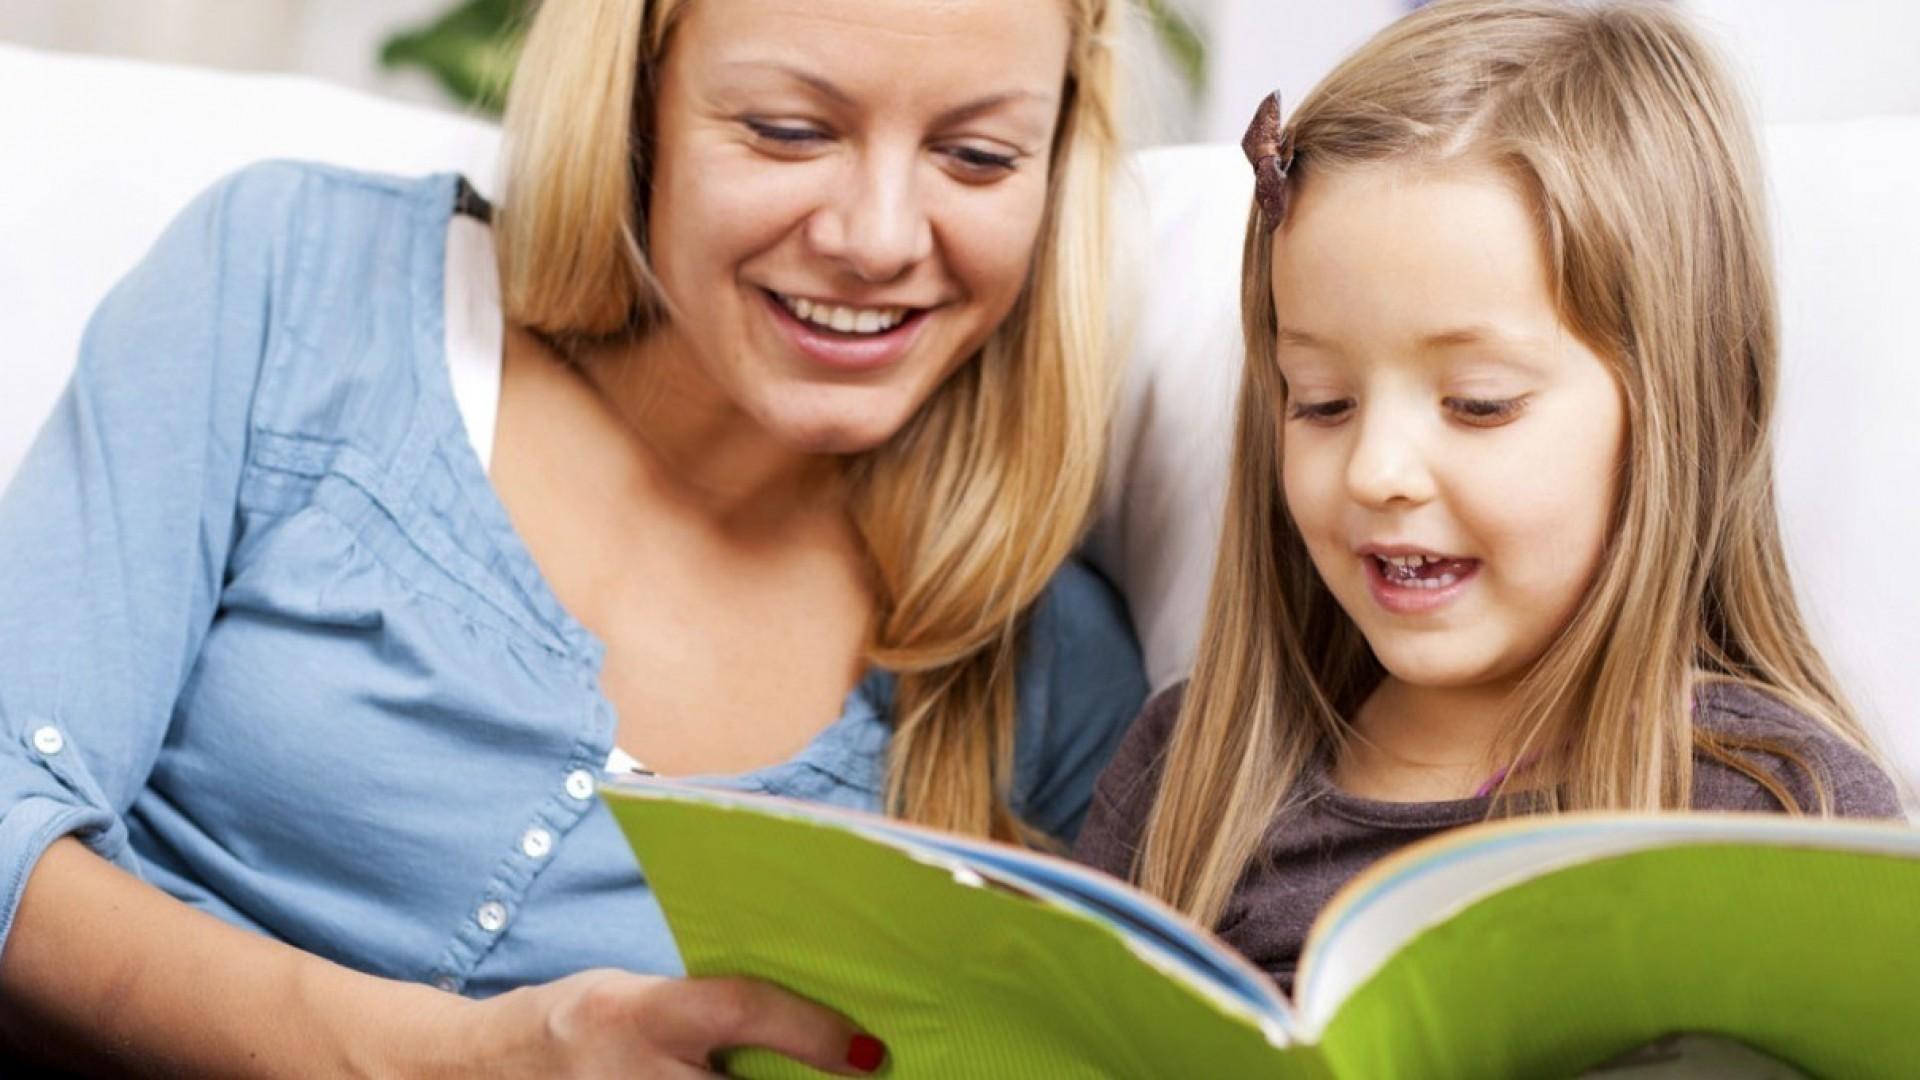 Сказкотерапия - полезное волшебство, доступное всем родителям